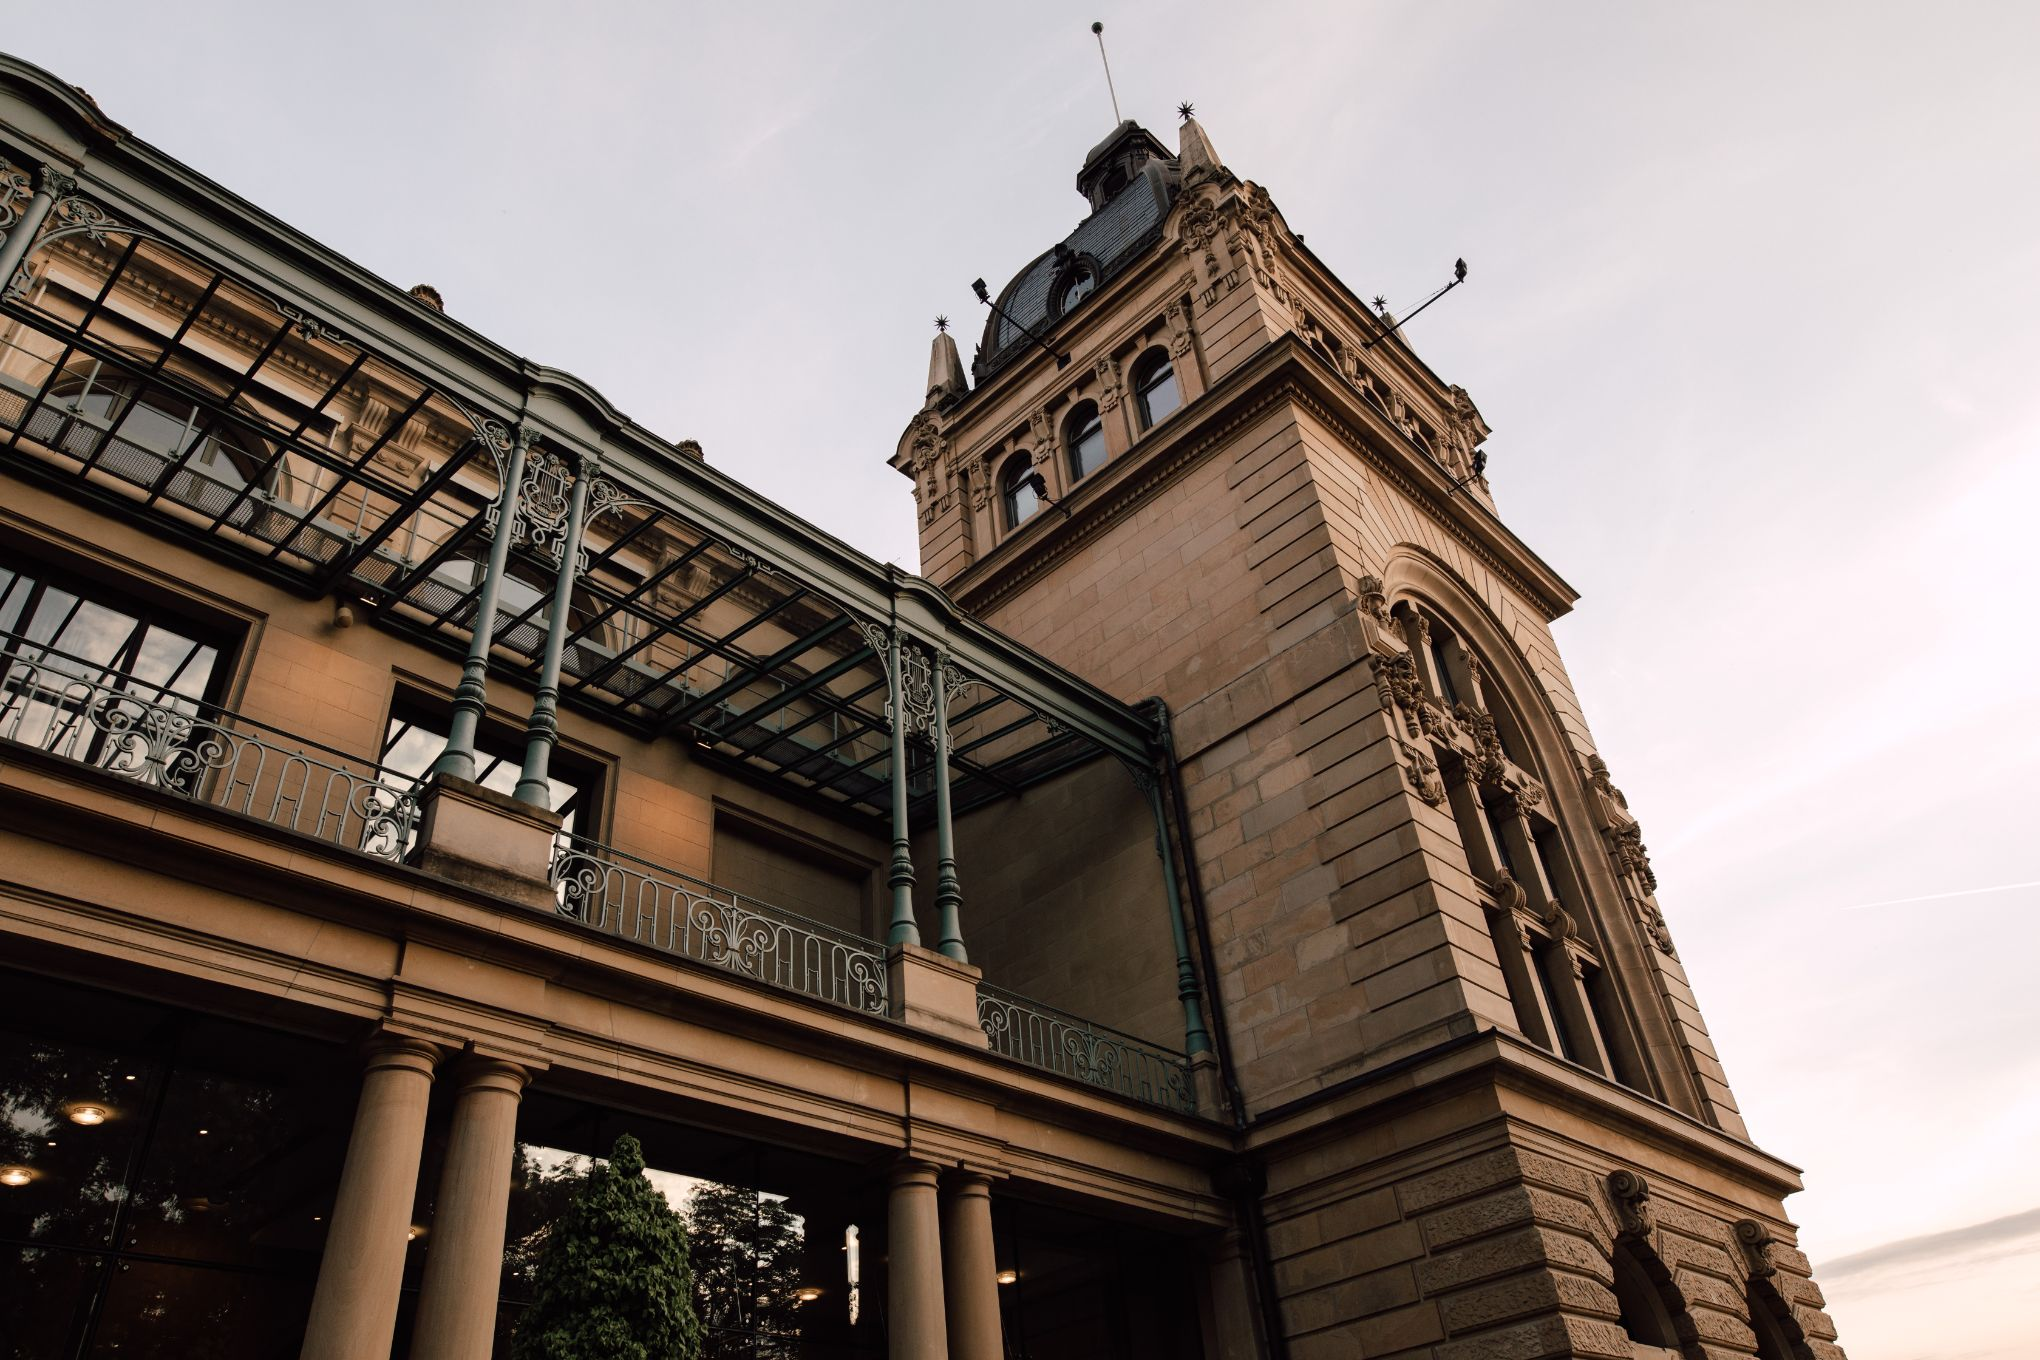 Historische-Stadthalle-Wuppertal-Hochzeit-The-Saums-KN-6-233.jpg